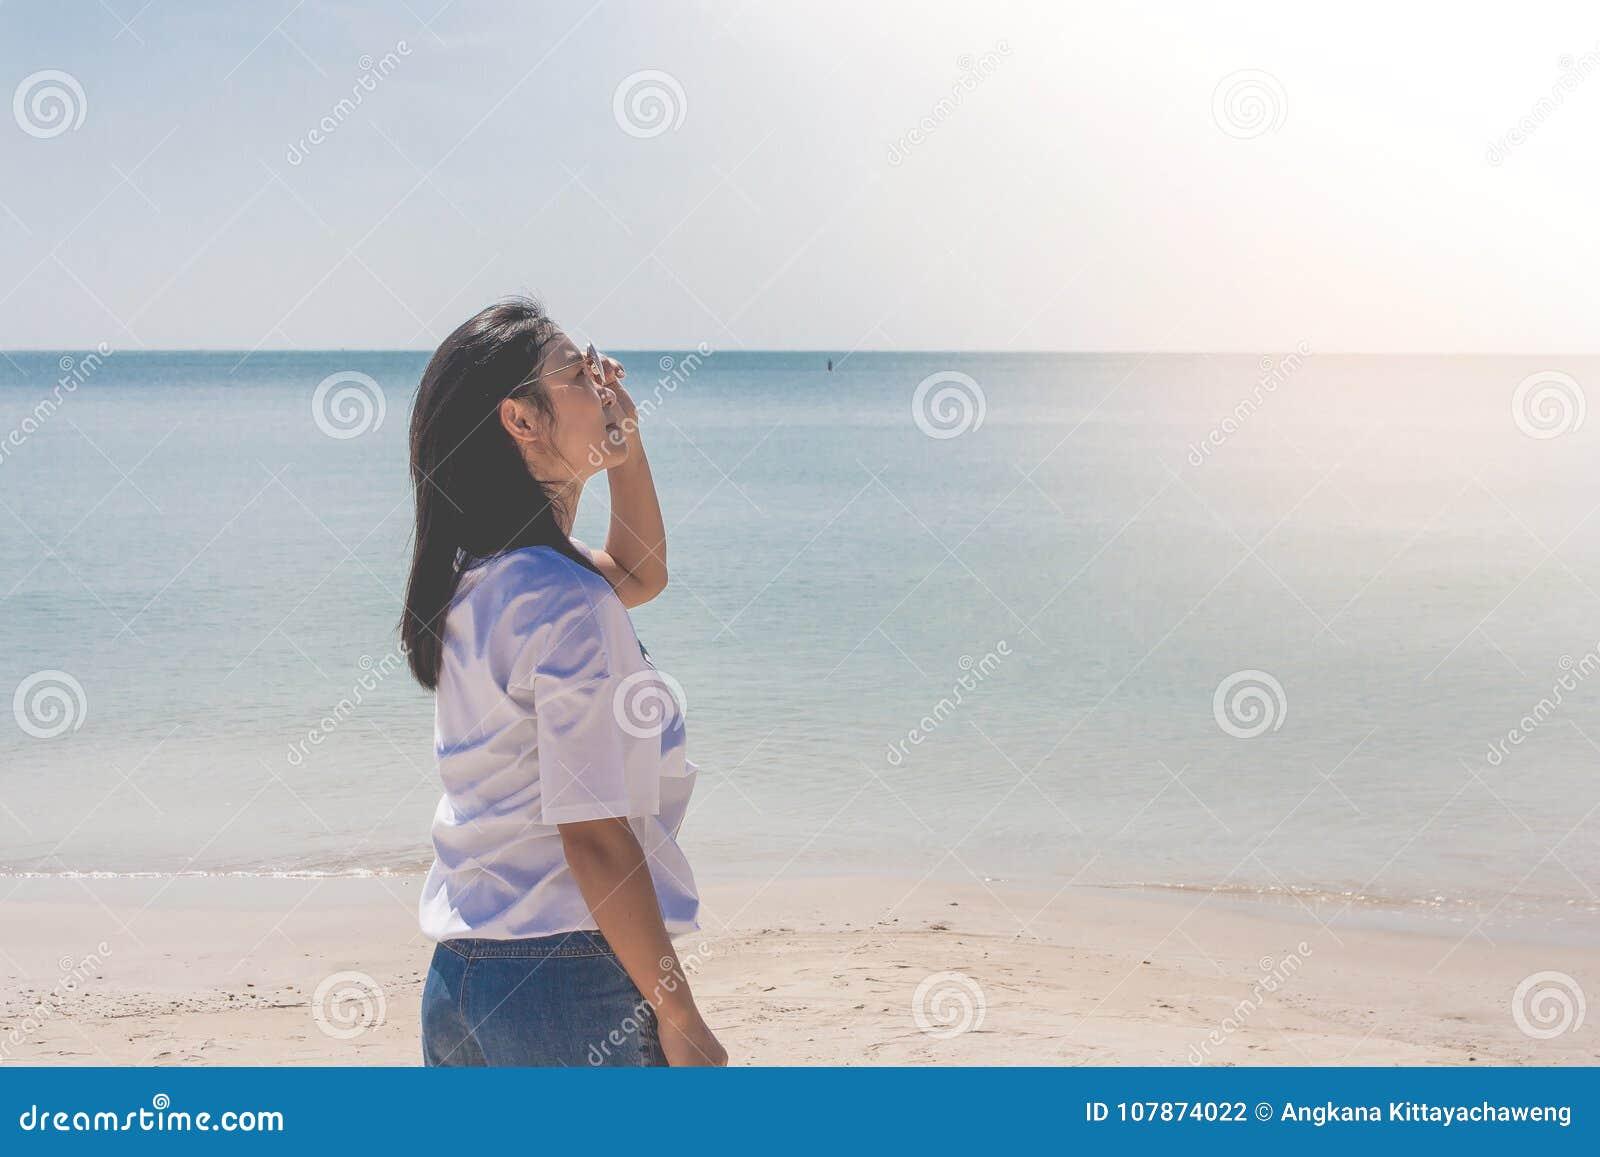 Blanca Que Coloca Se En Lleva La MujerElla De Camiseta lJuF51cK3T